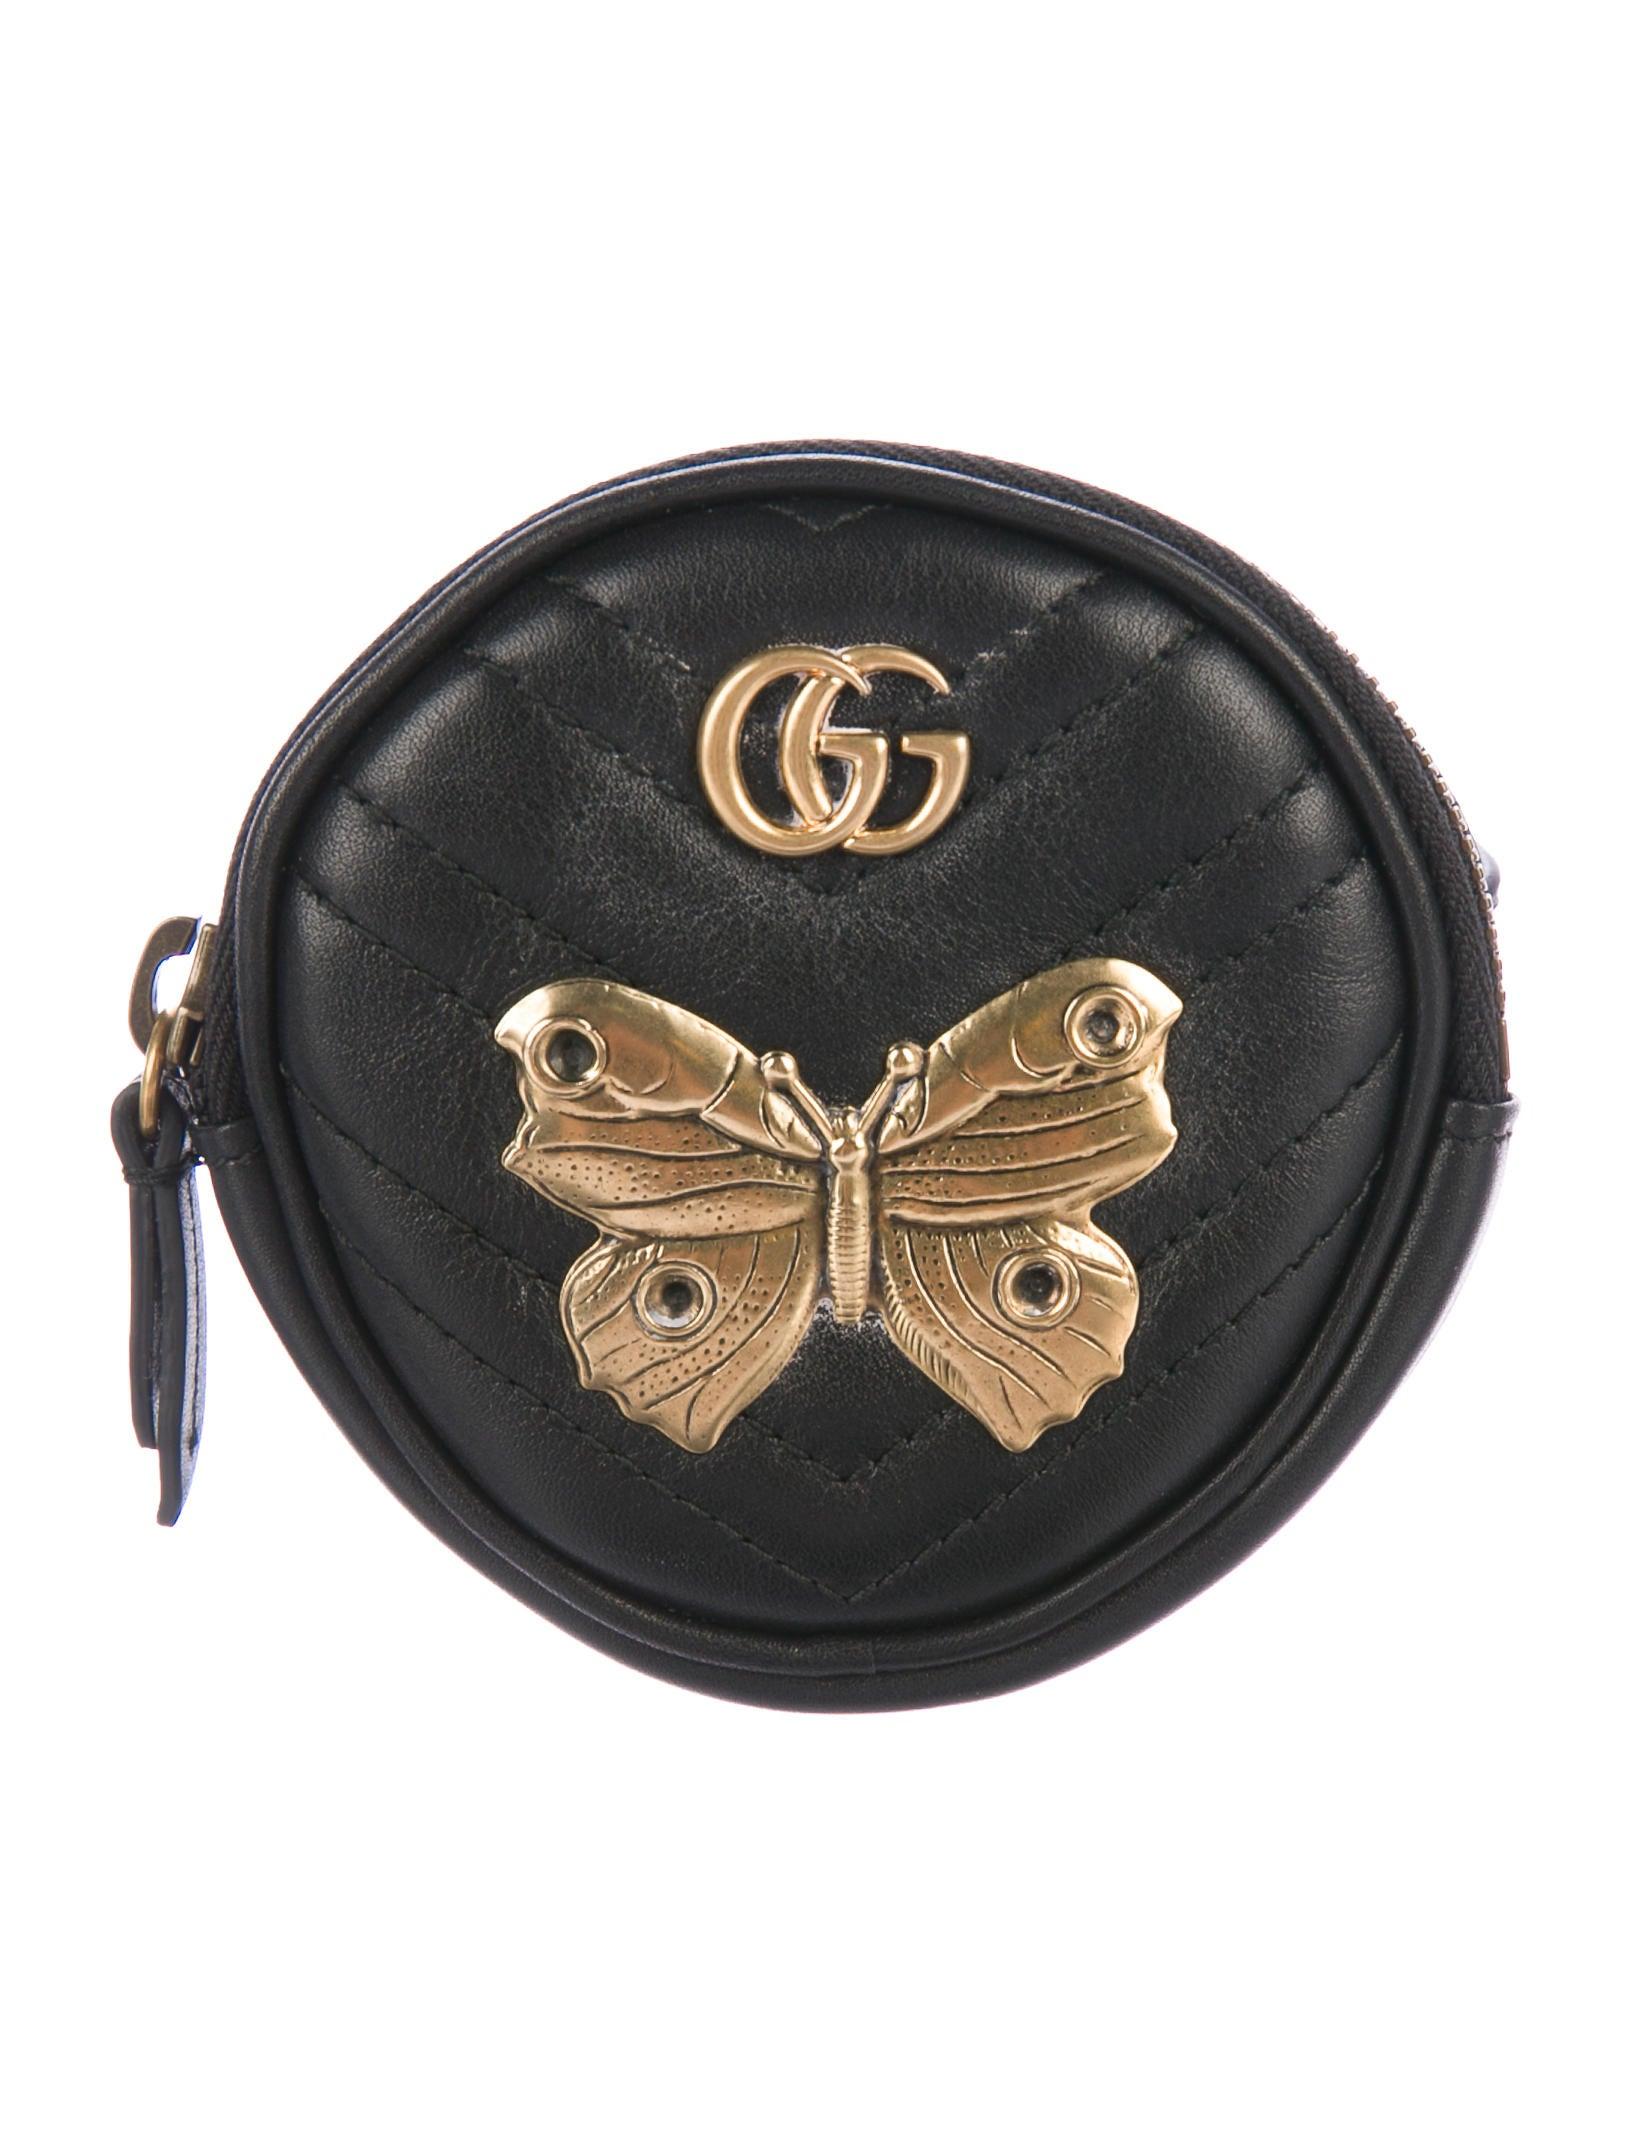 f251572dea3 Gucci GG Marmont Animal Studs Wrist Pouch - Accessories - GUC213435 ...